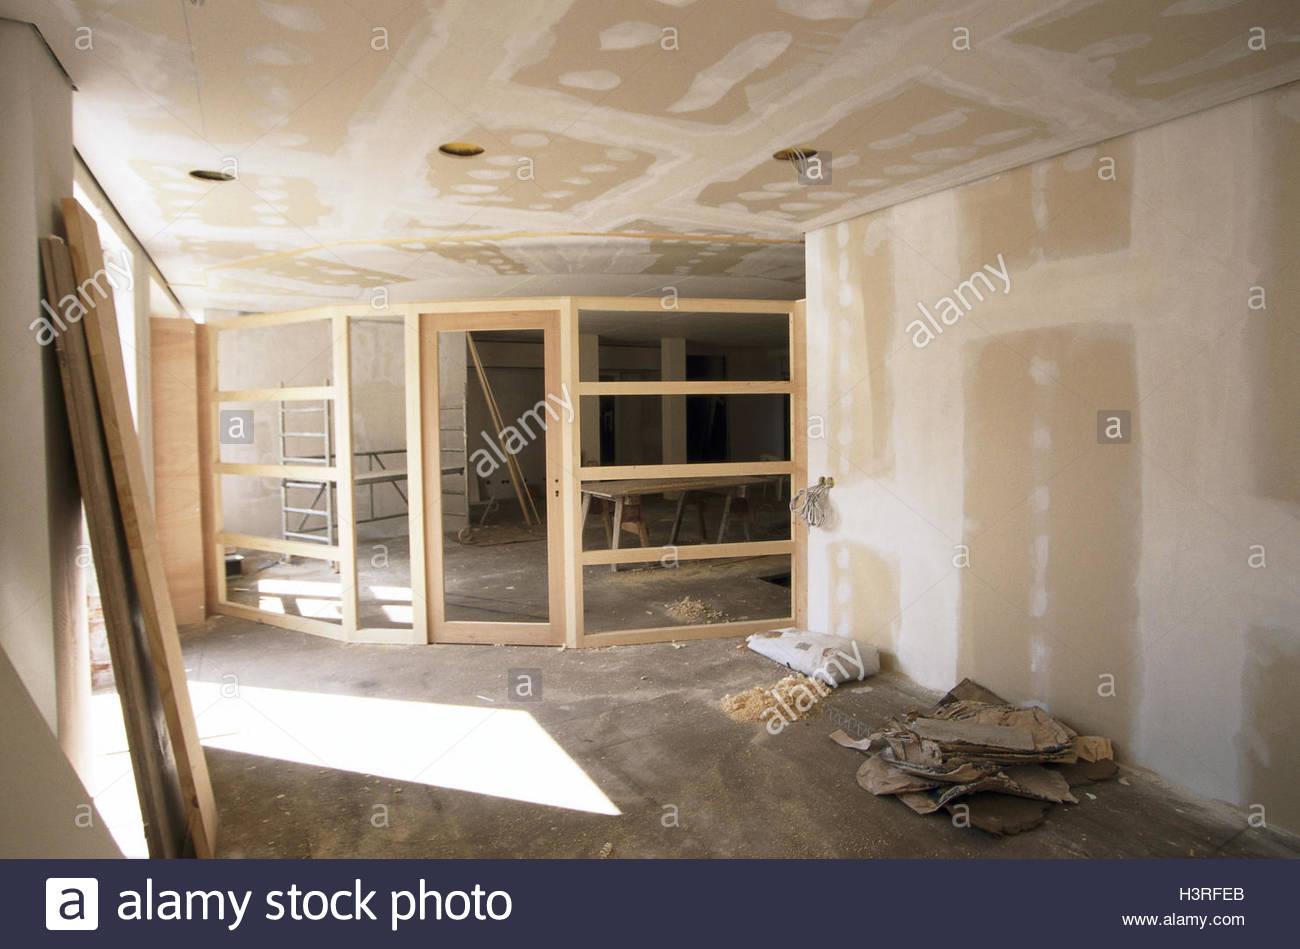 Wunderbar Innenausstattung Nach Hause Bilder - Images for ...